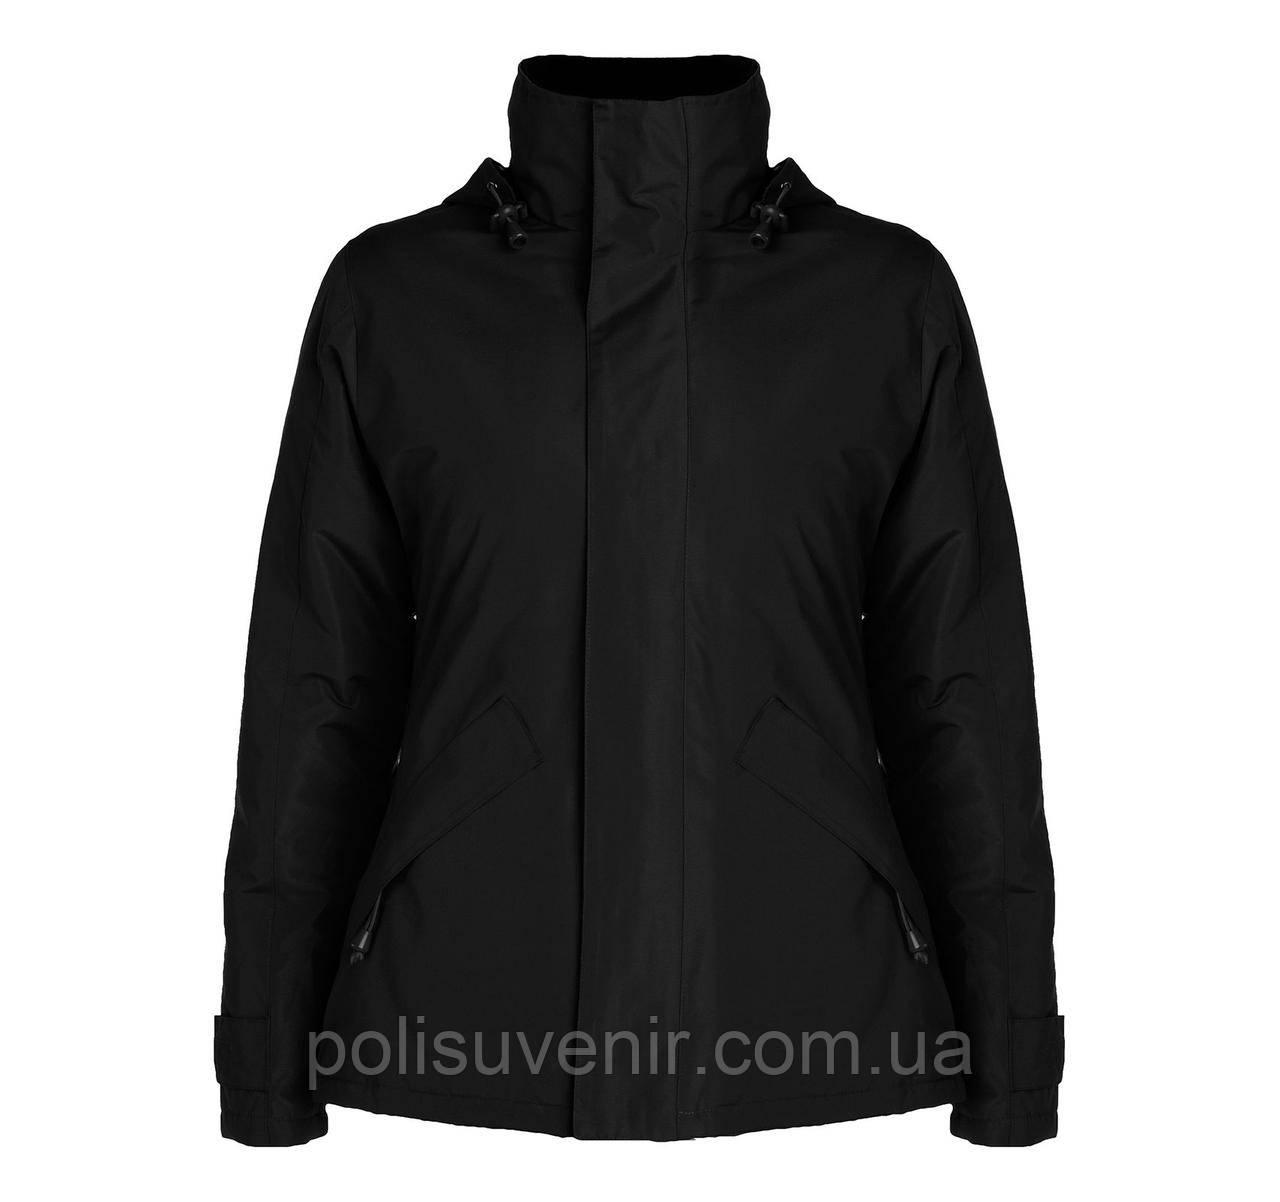 Жіноча куртка Europa woman